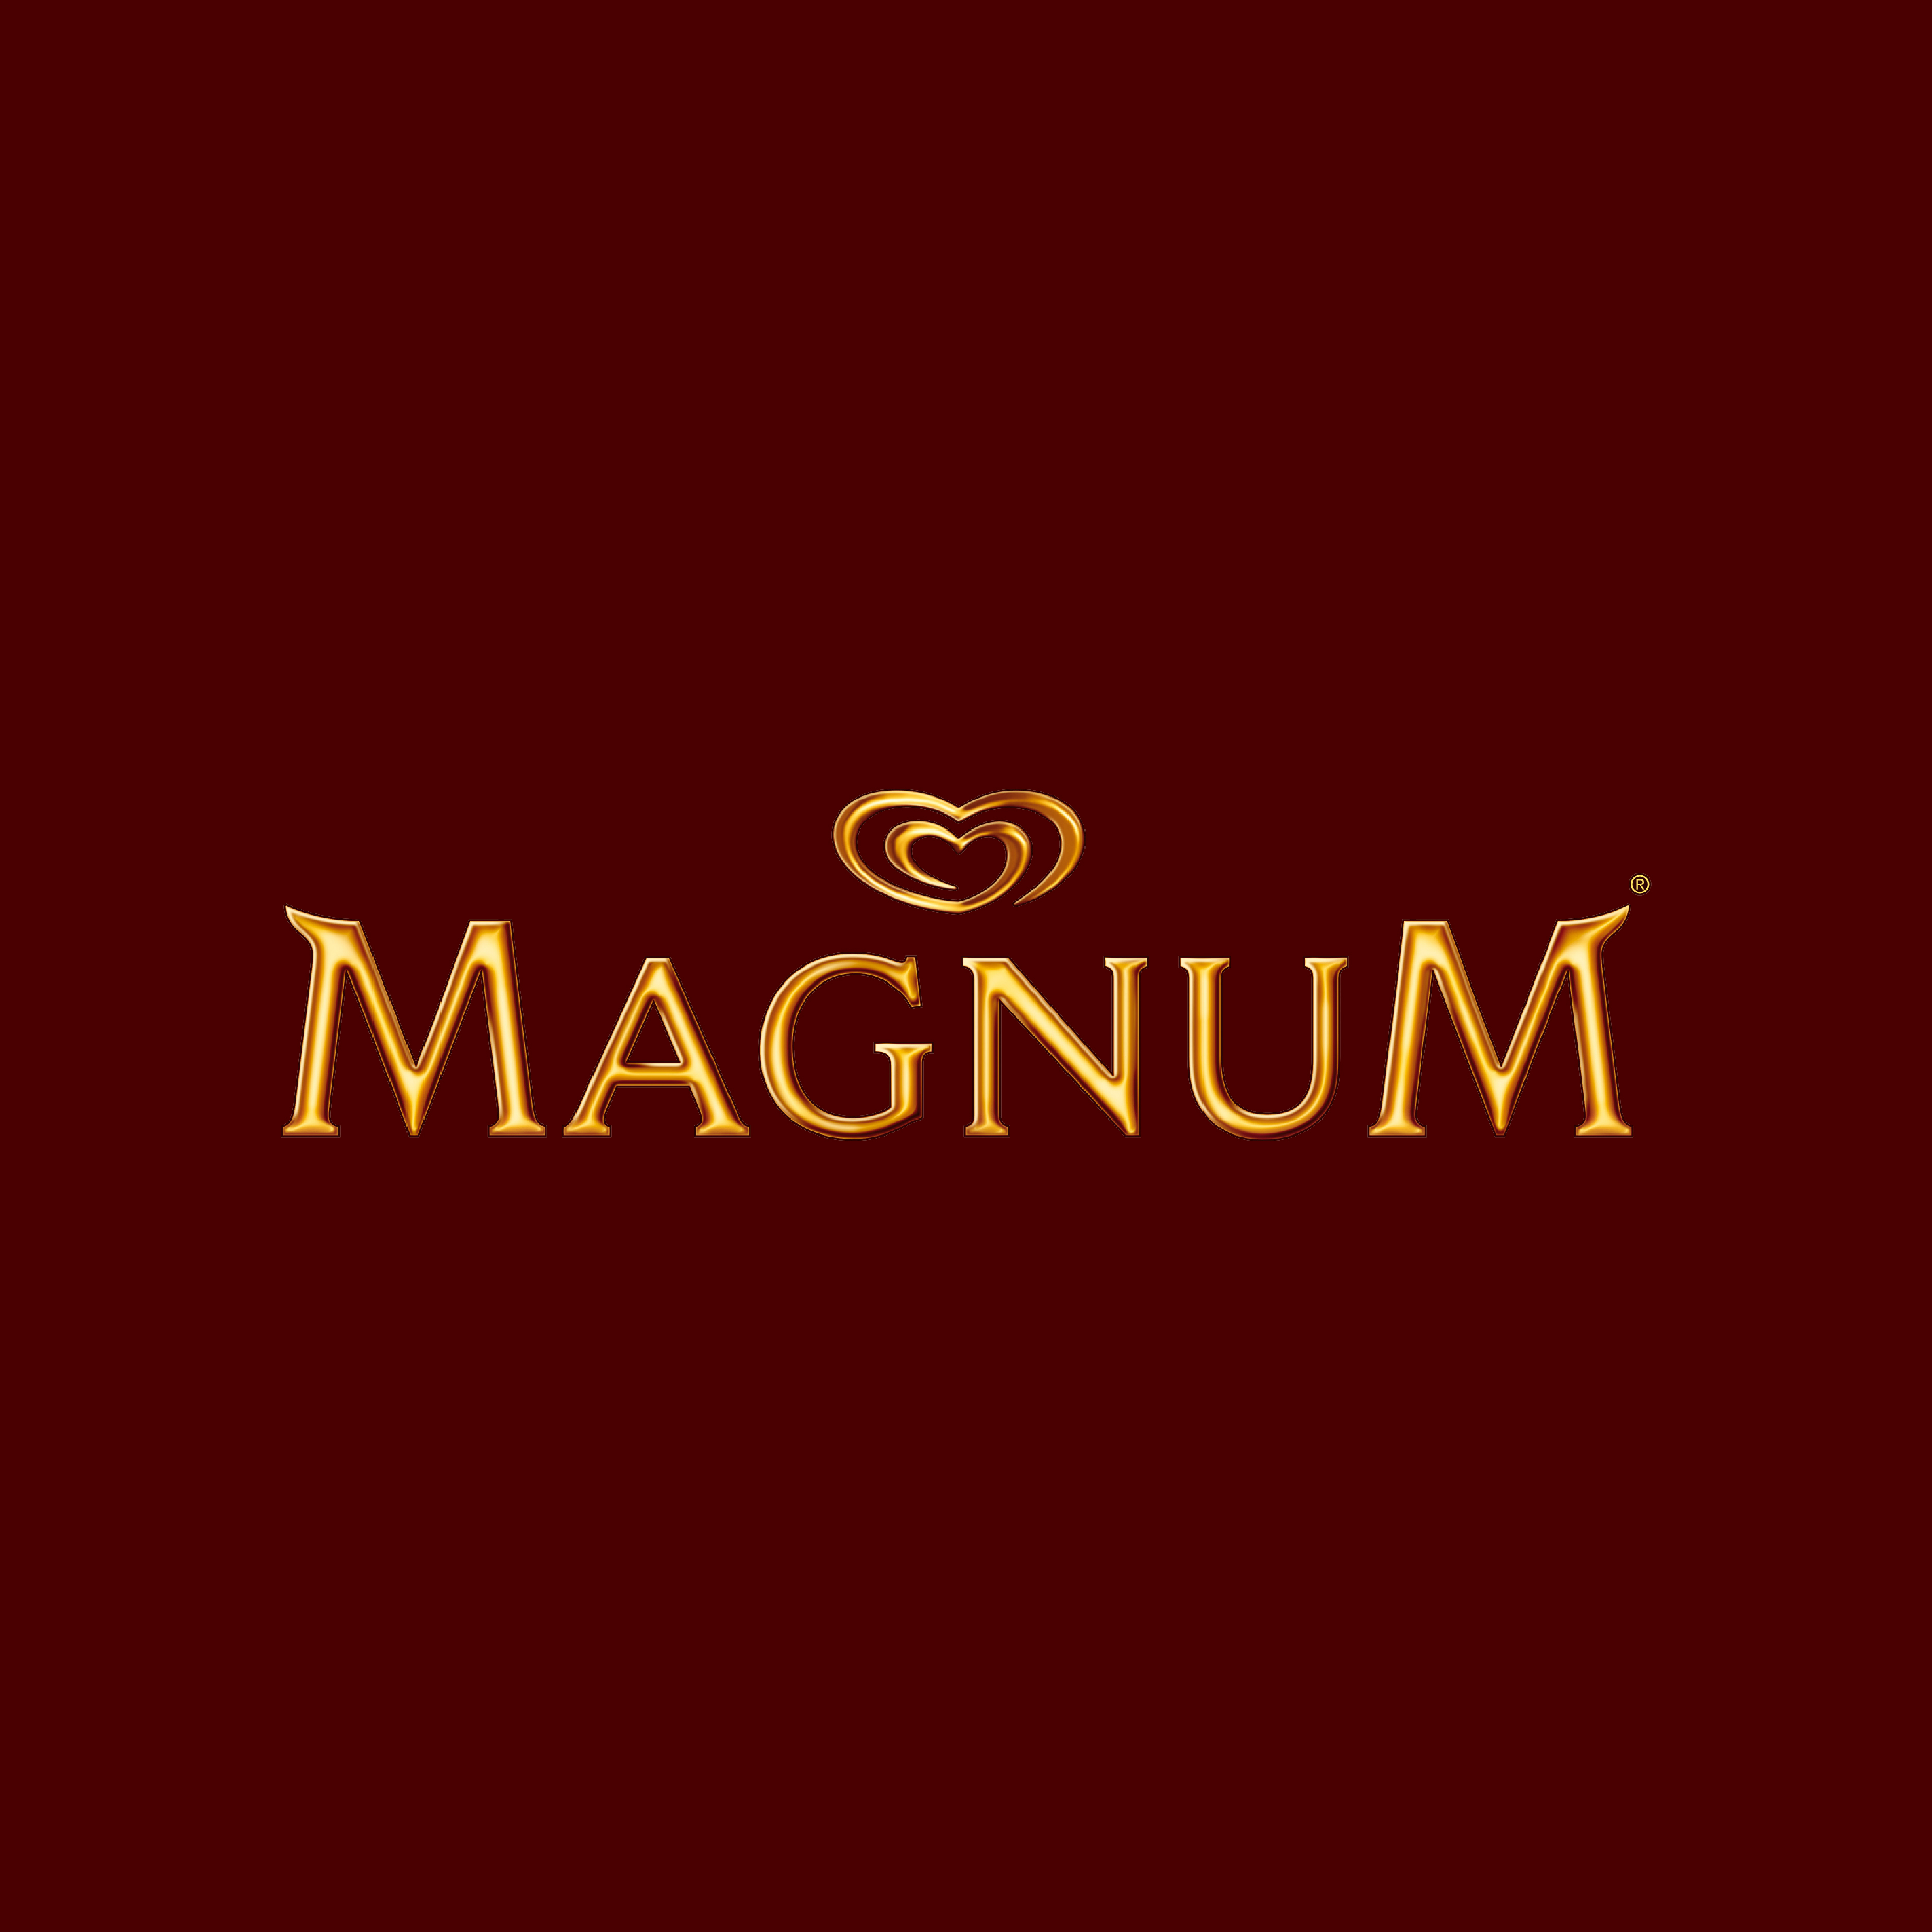 Magnum Ice Cream Logo